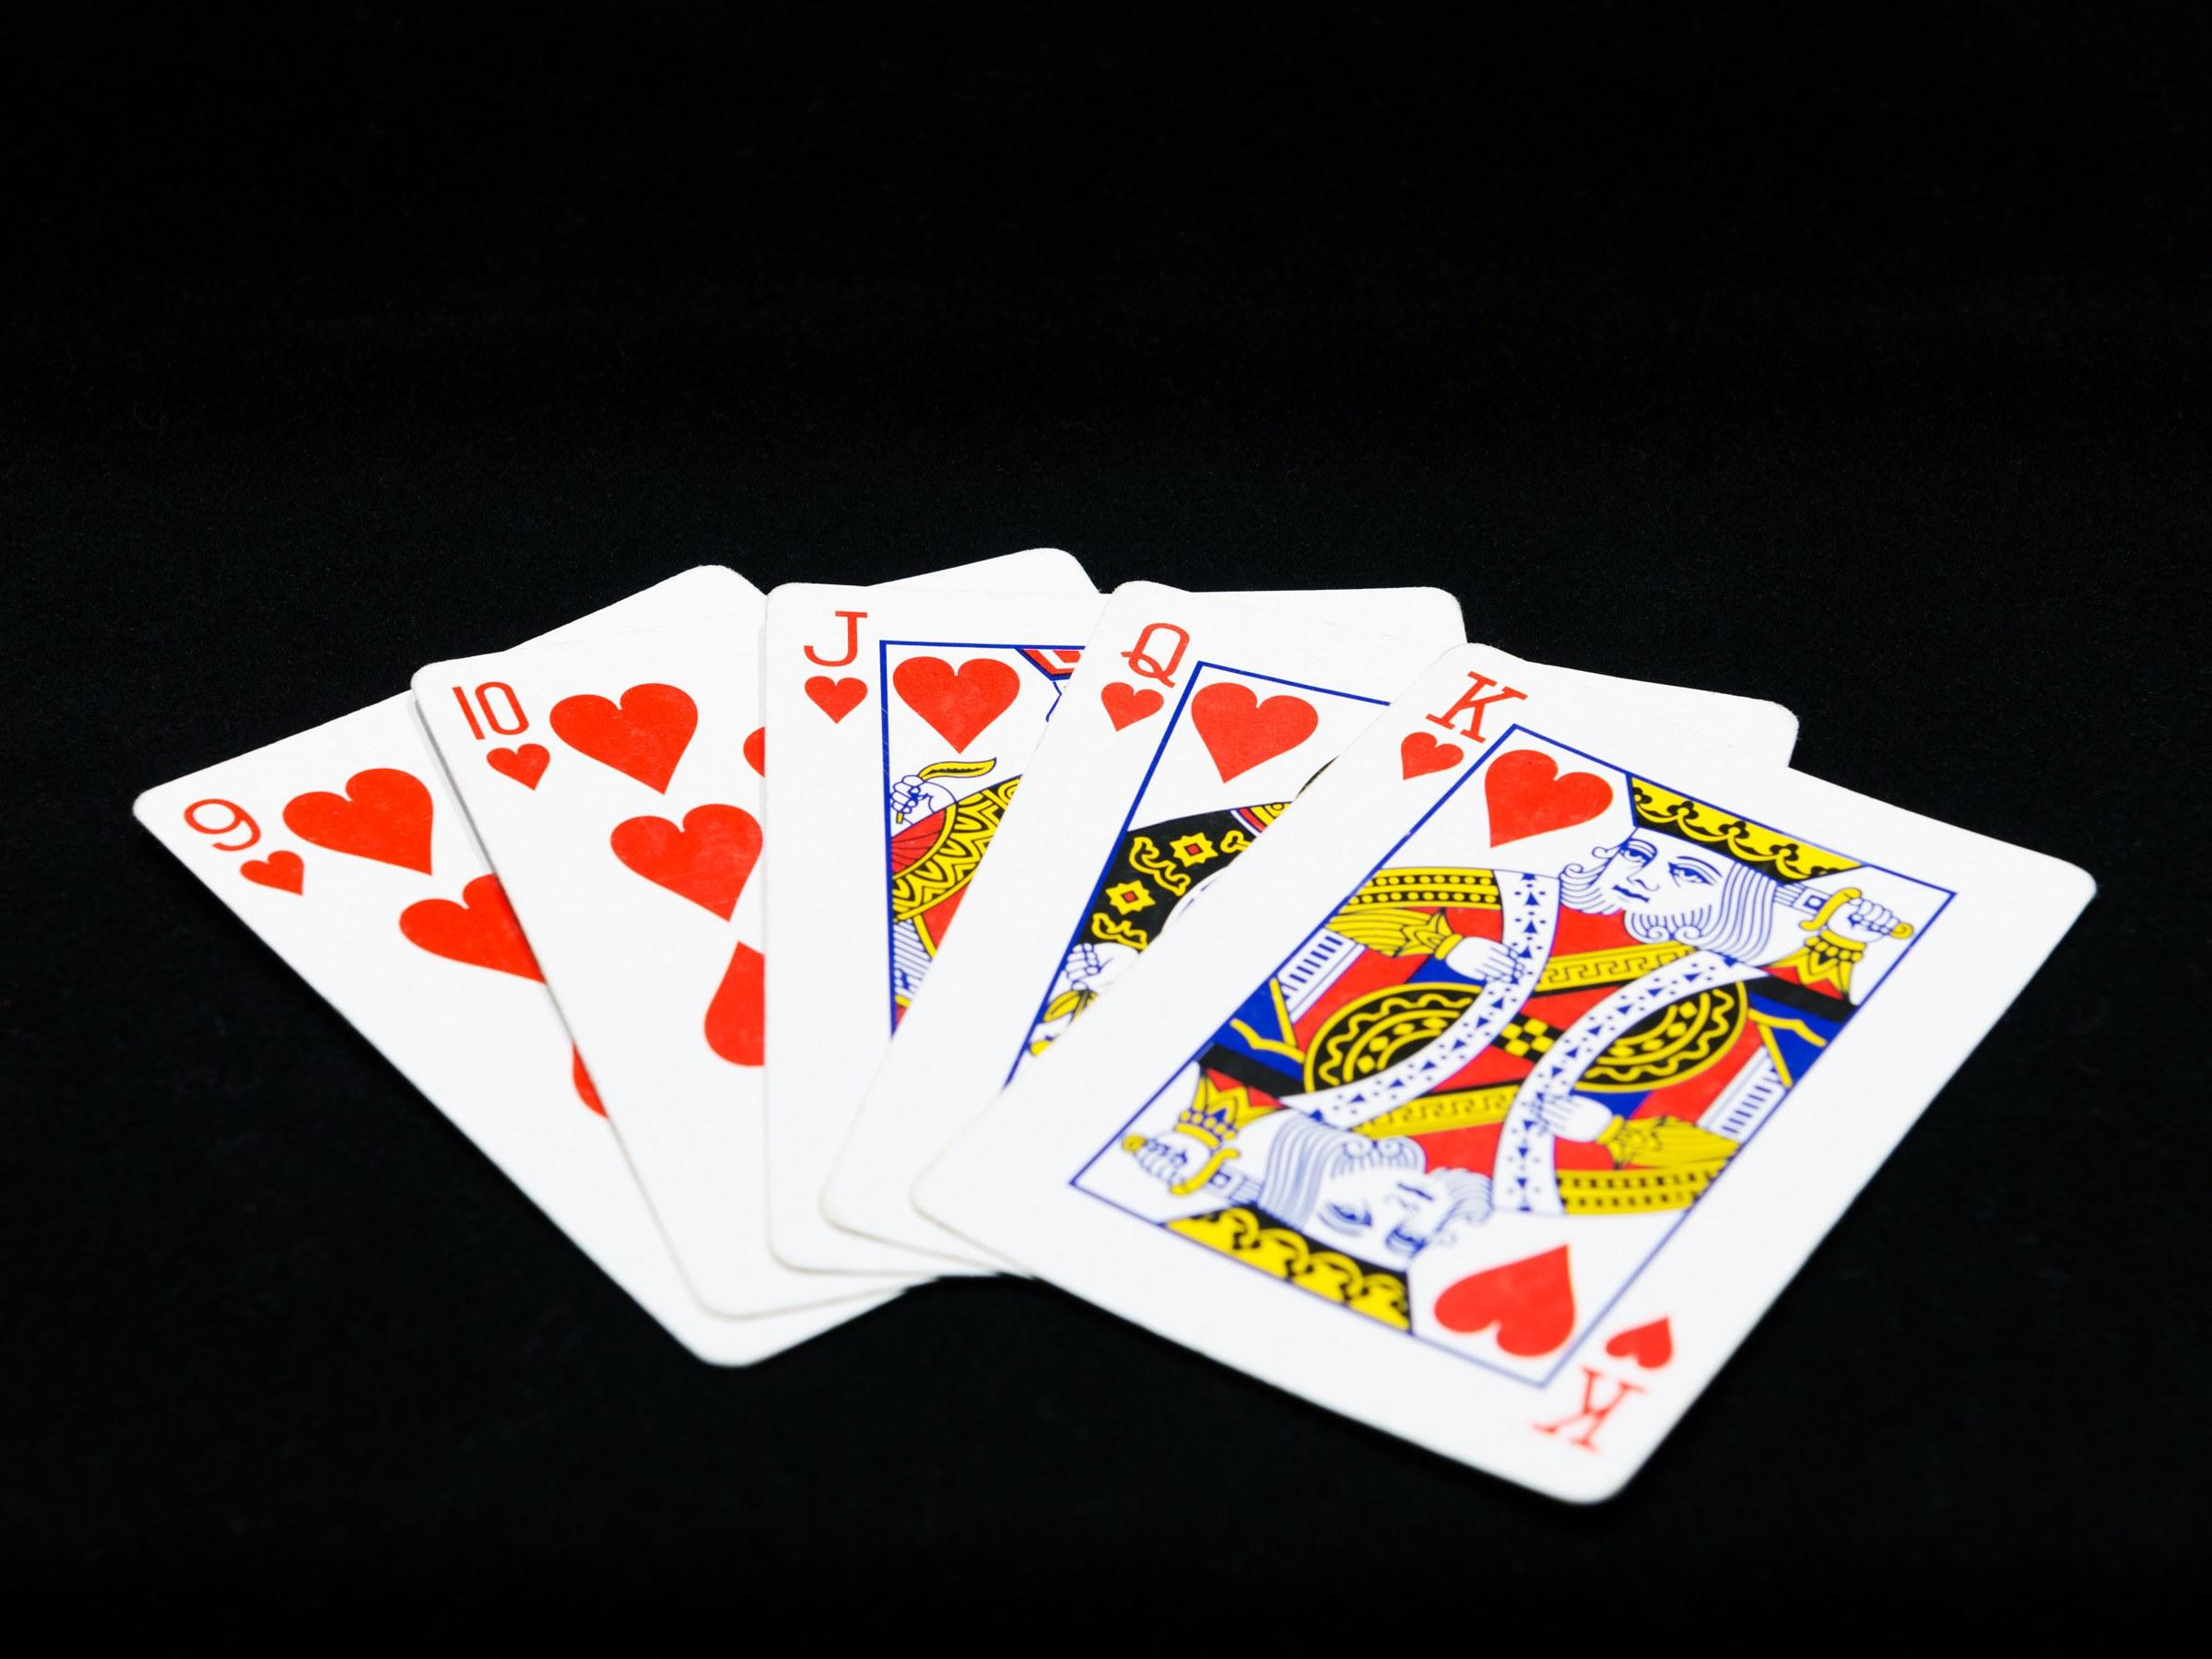 Langkah dari game poker Android yang dijamin menguntungkan